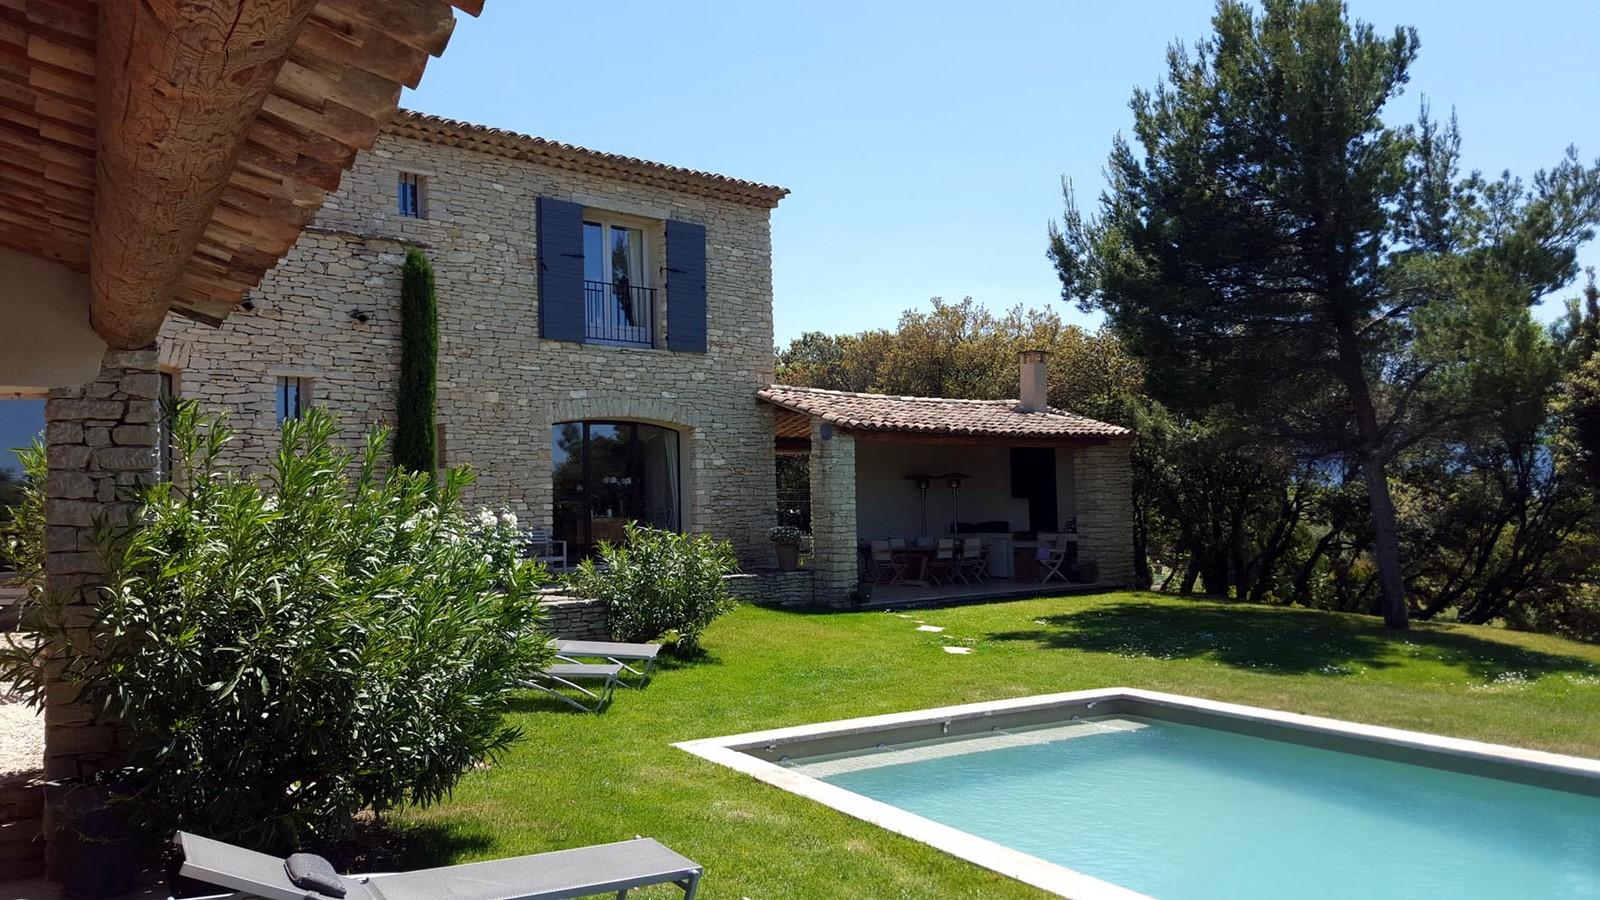 Jardin et piscine chauffee 3 les terrasses gordes maison for Maison hote luberon